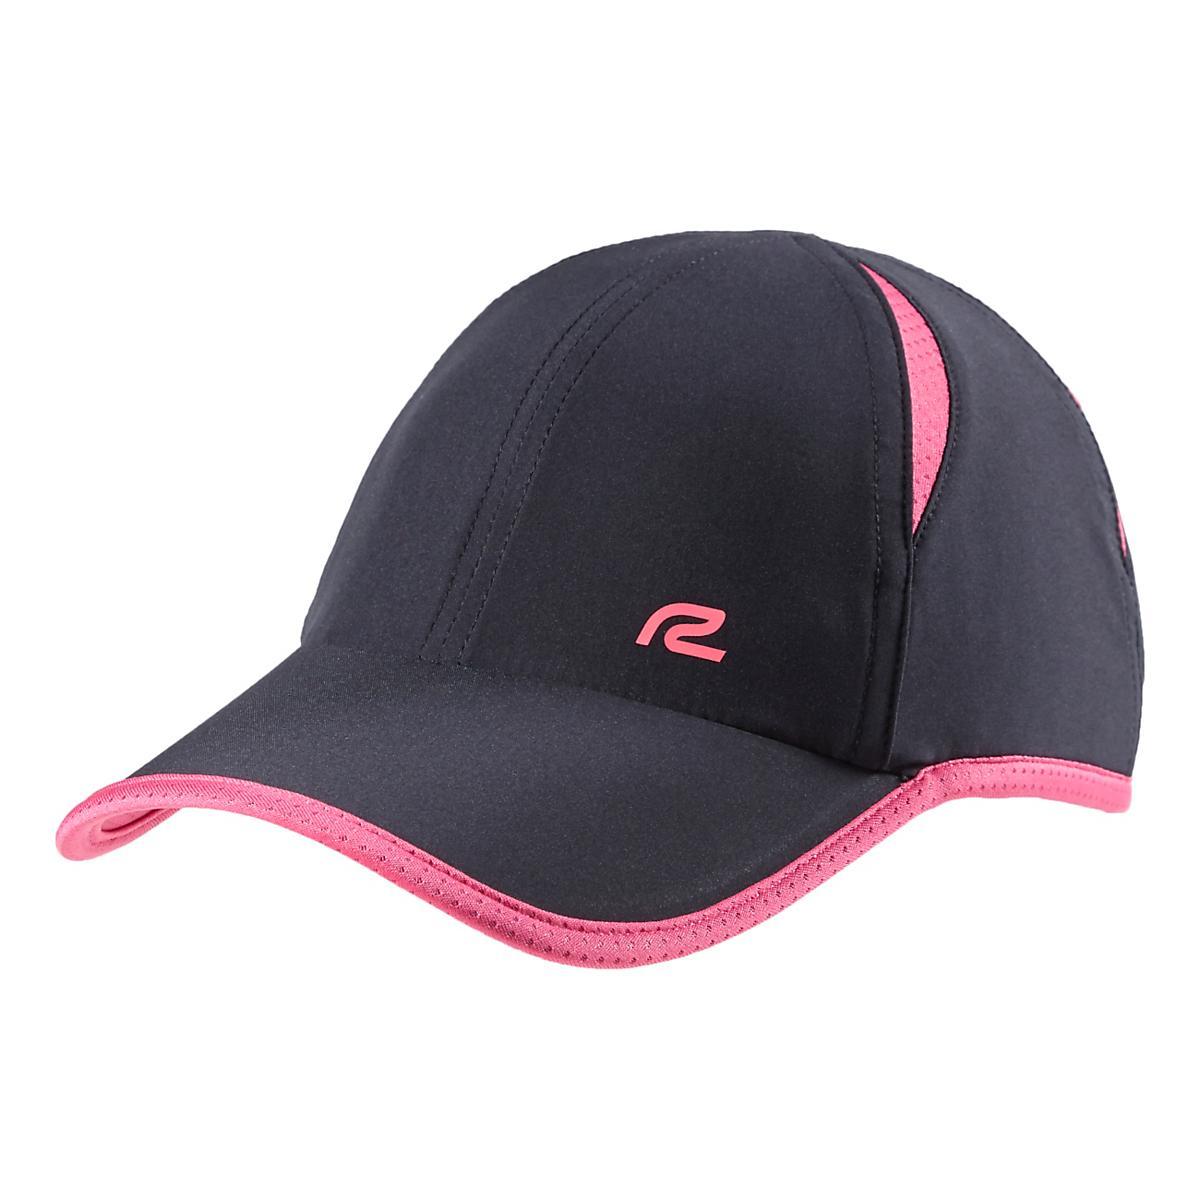 R-Gear�Top That Cap